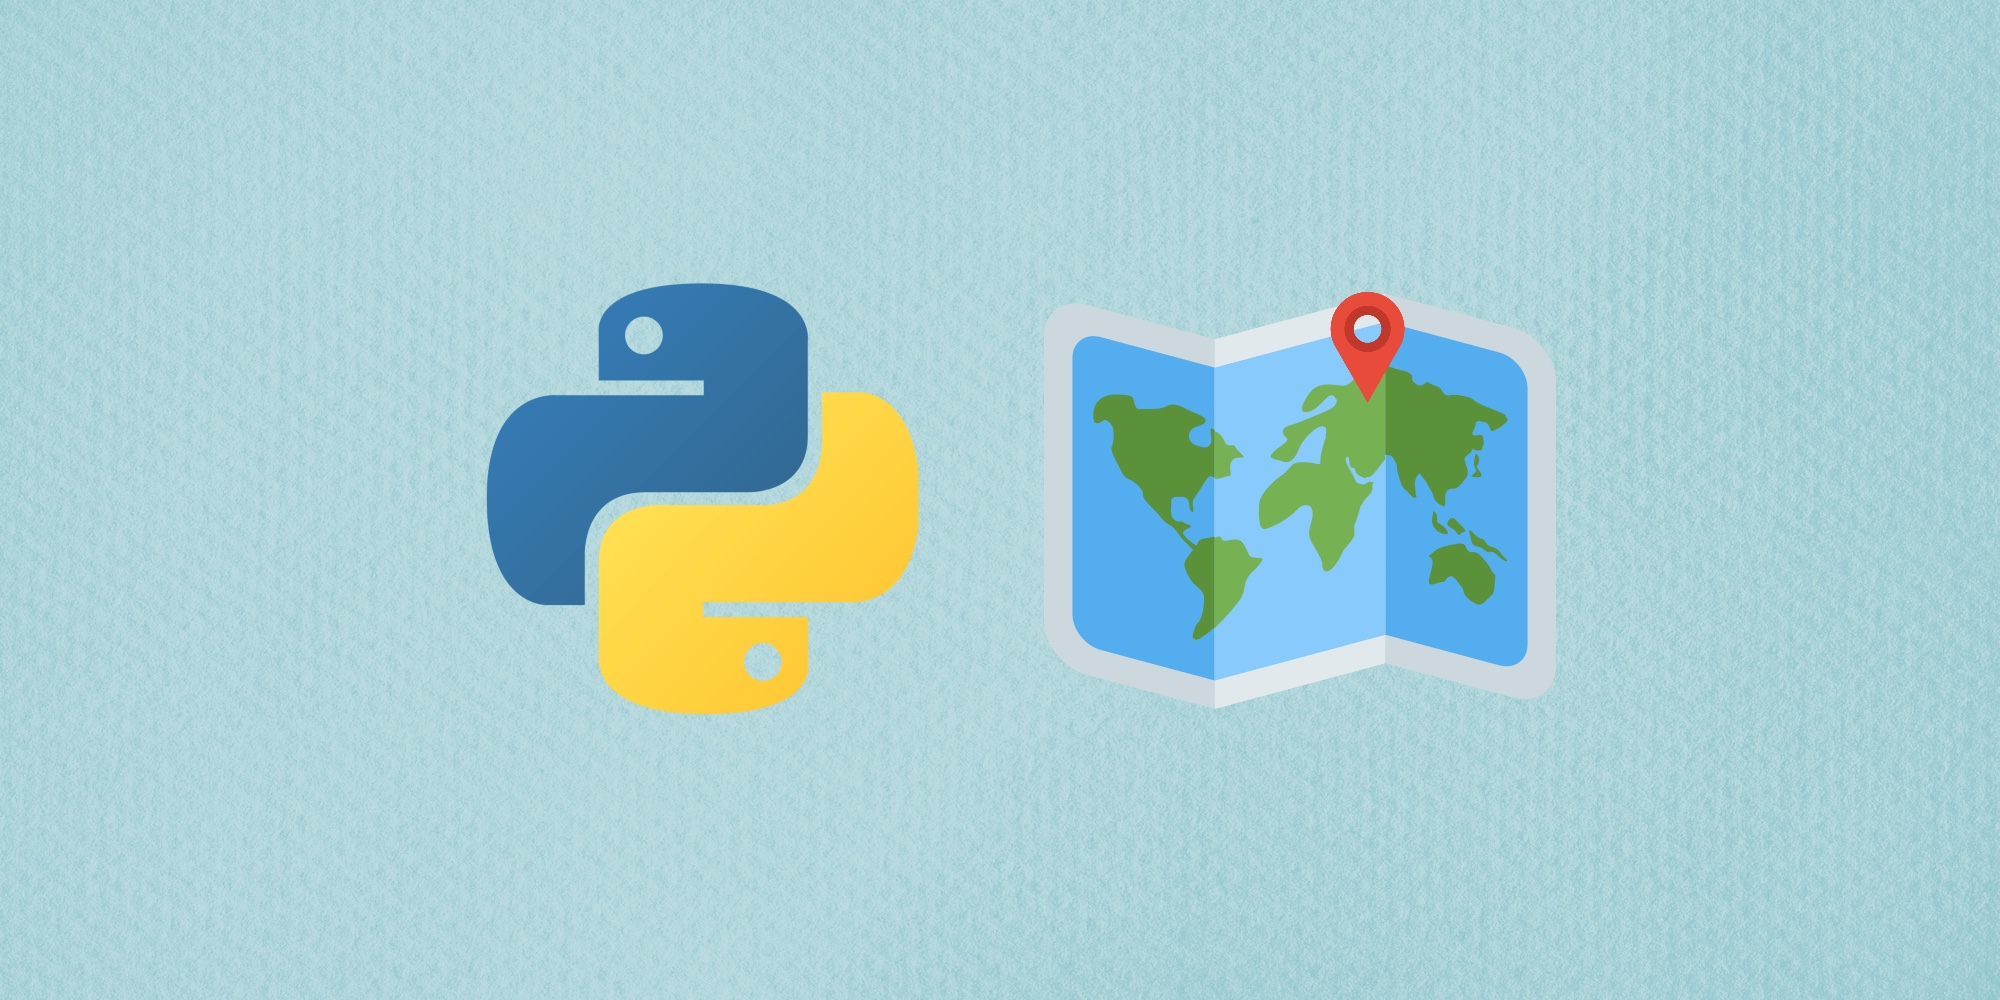 🗺 Работа с геоданными в Python и Jupyter